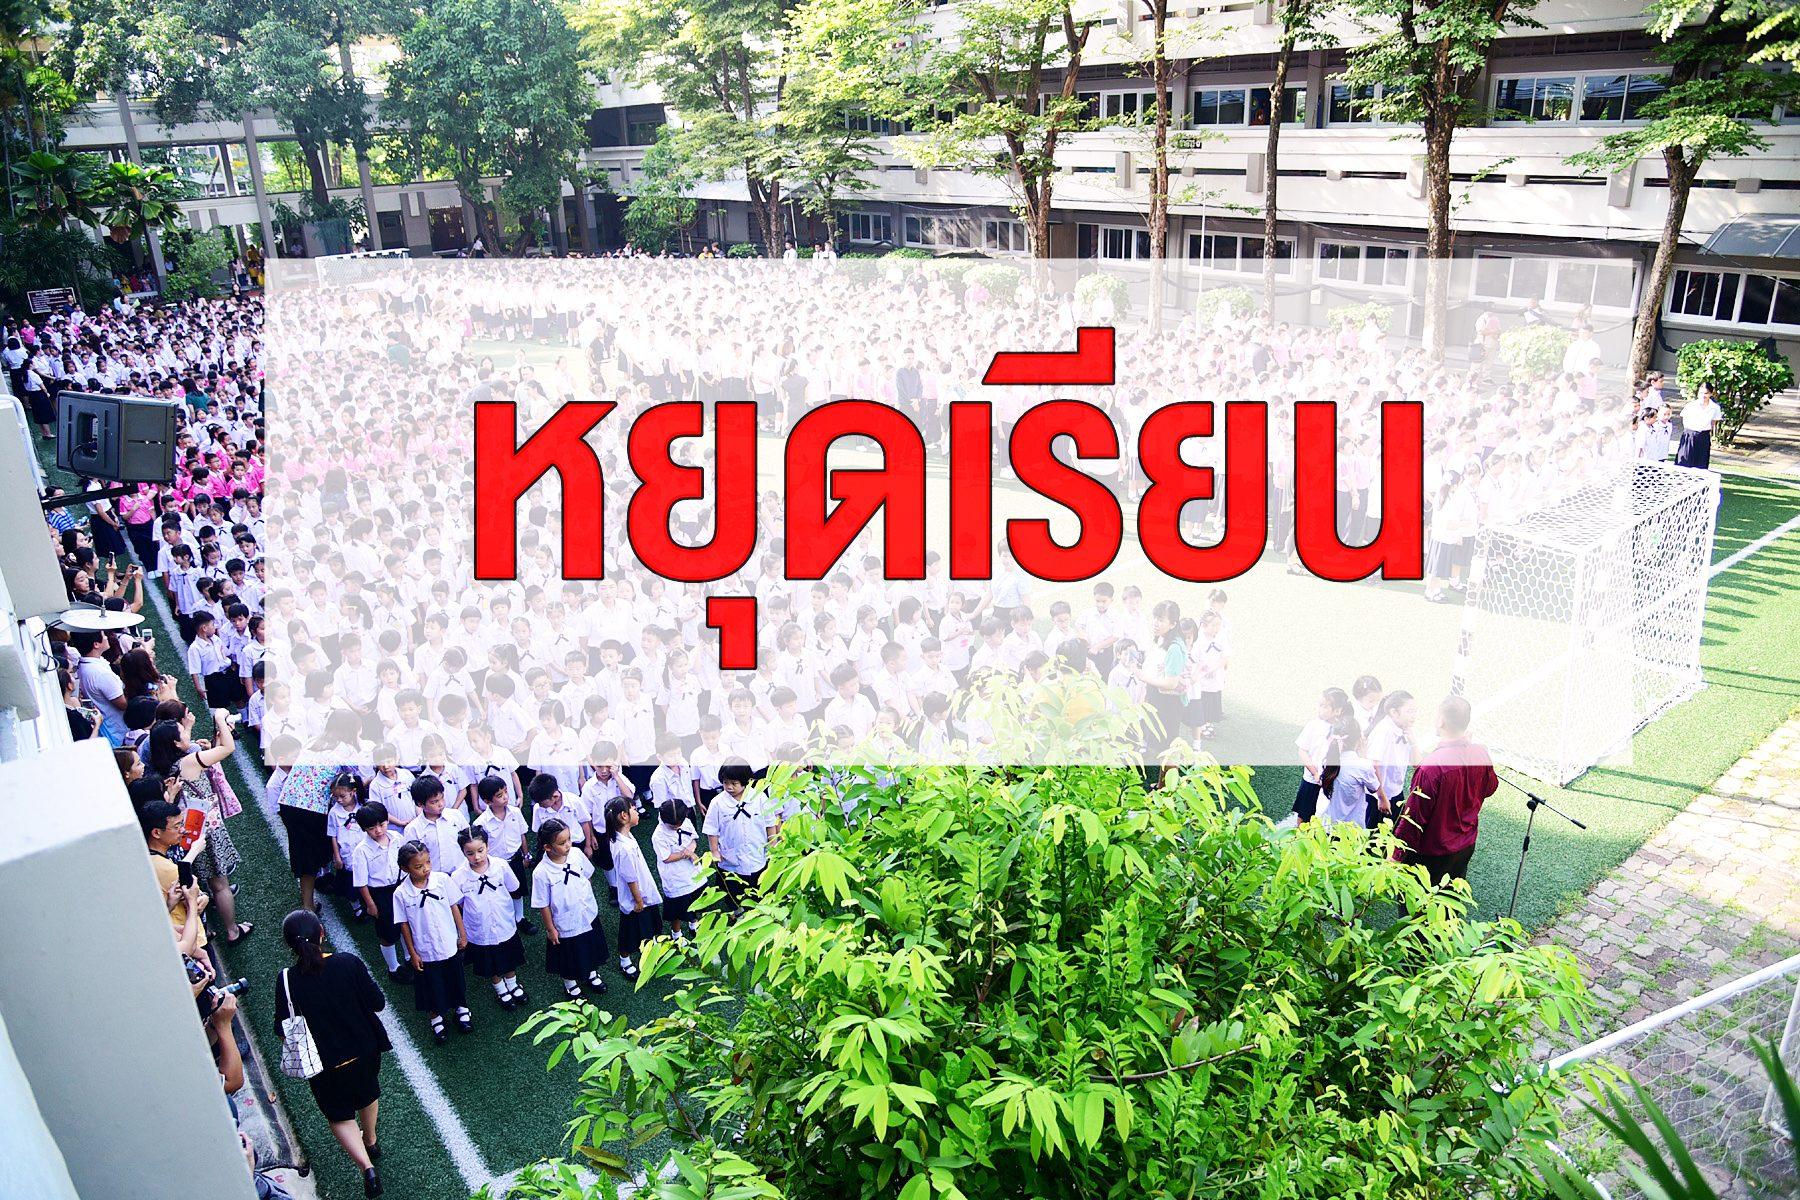 รายชื่อ โรงเรียนประกาศหยุดเรียน จากปัญหาฝุ่นละออง PM2.5 และไข้หวัด